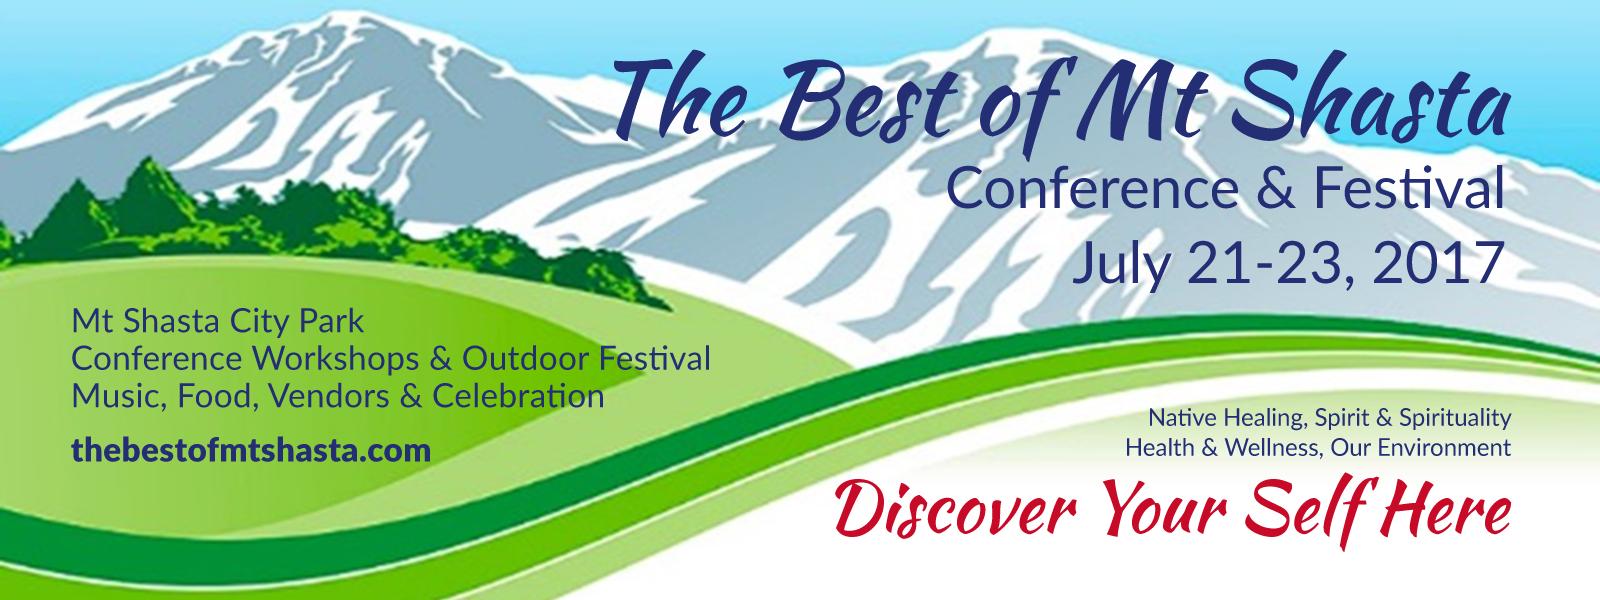 TheBestofMtShasta-ConferenceFestival-2017